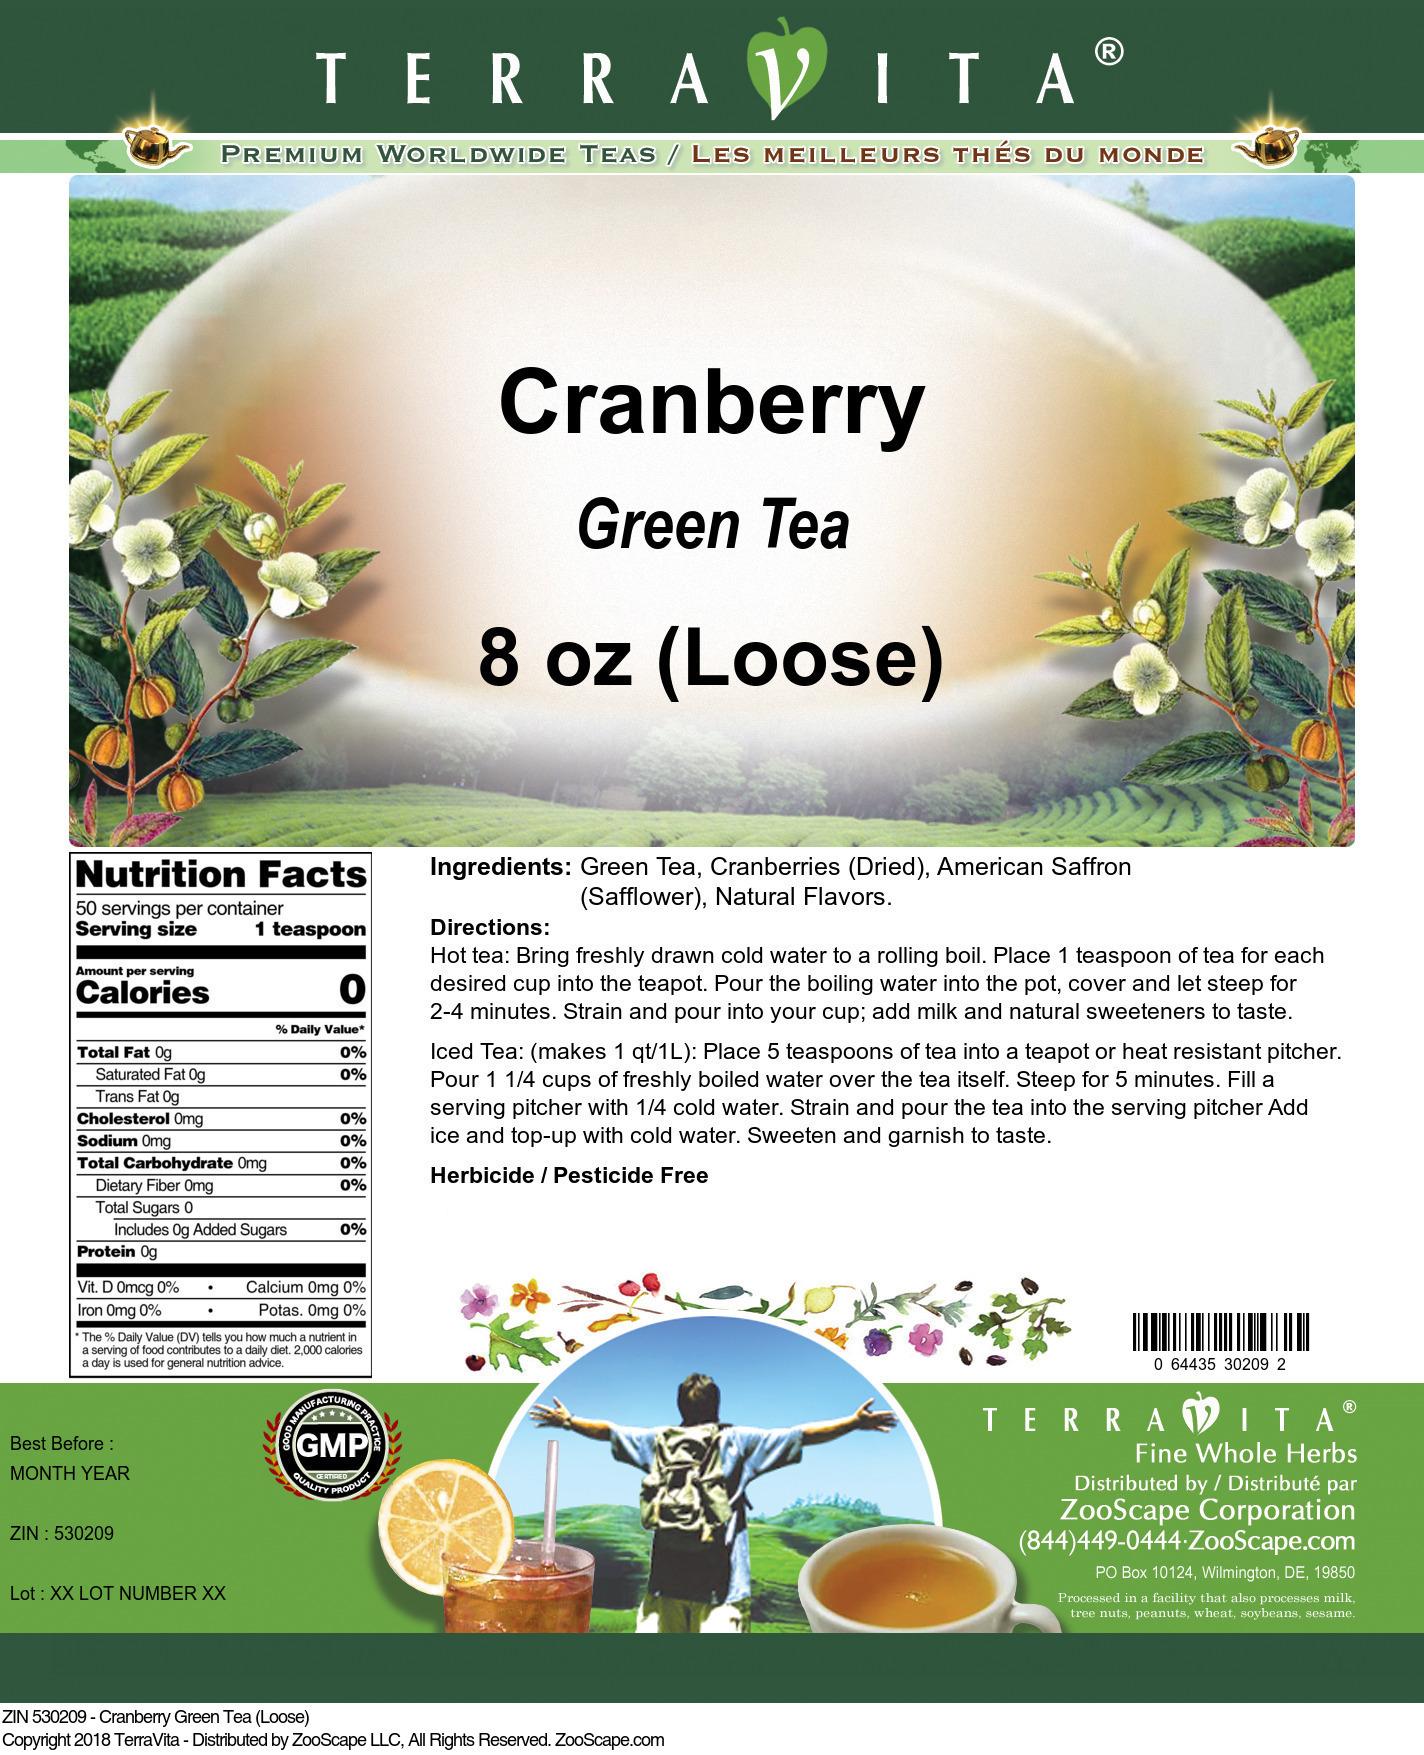 Cranberry Green Tea (Loose)